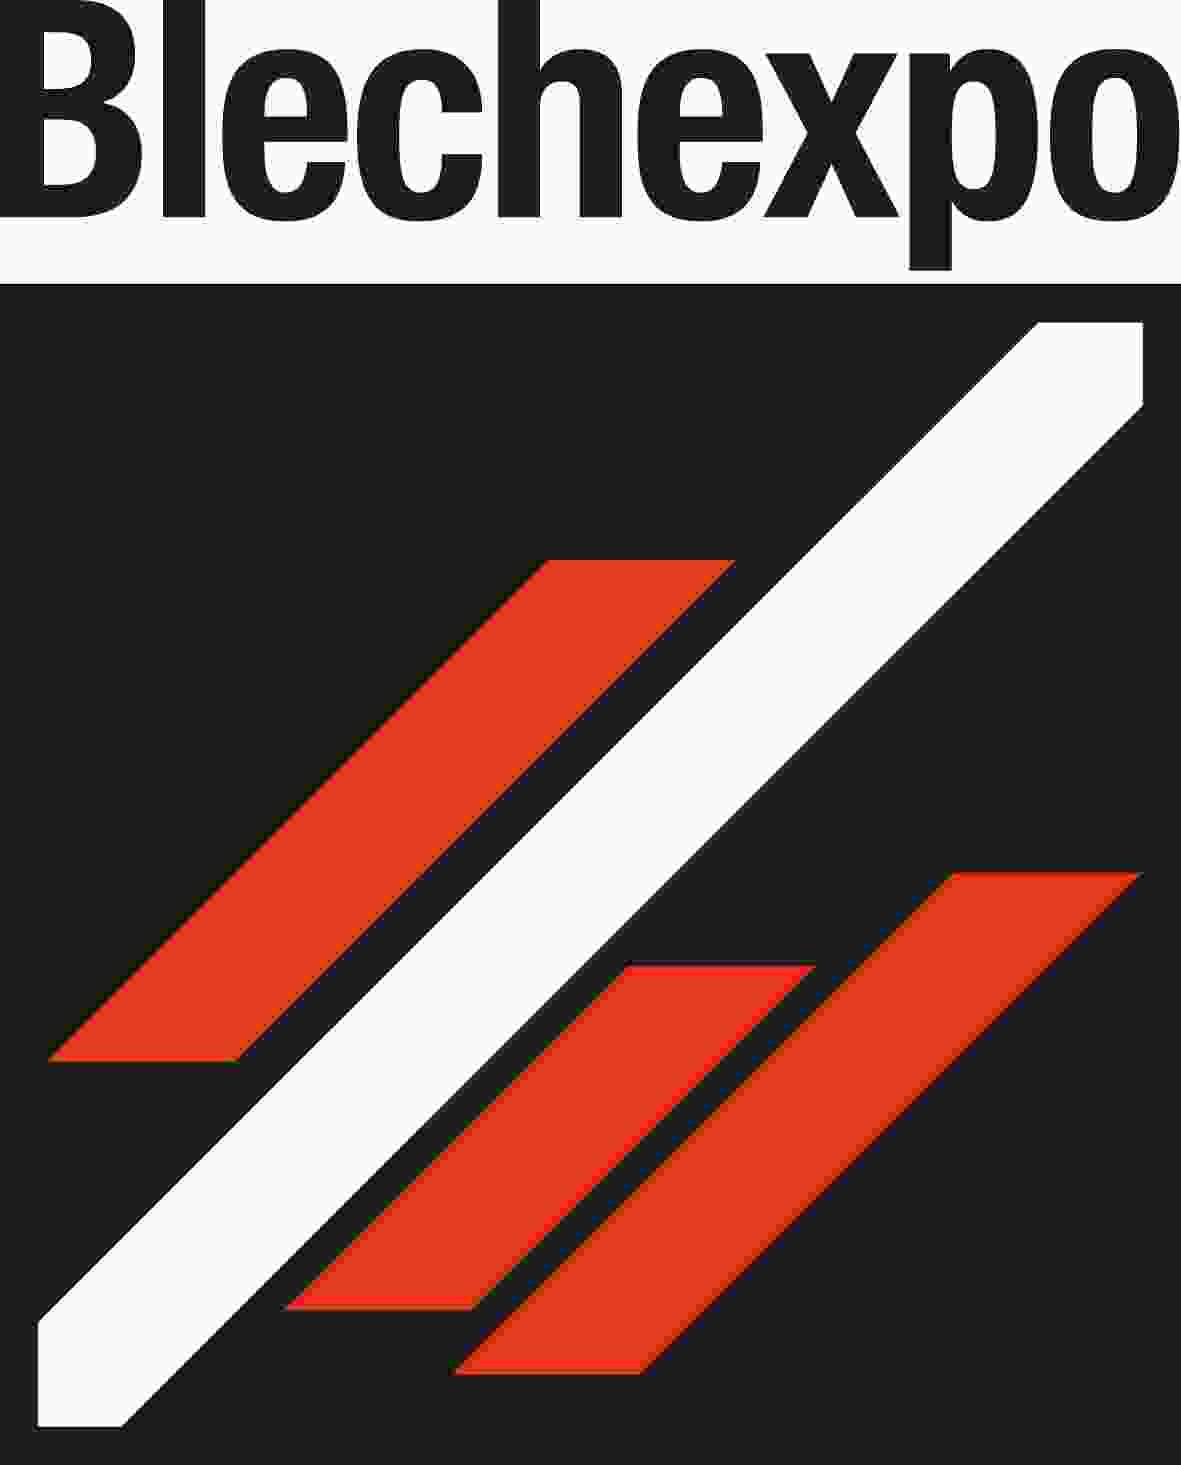 EMKA - Blechexpo 2019